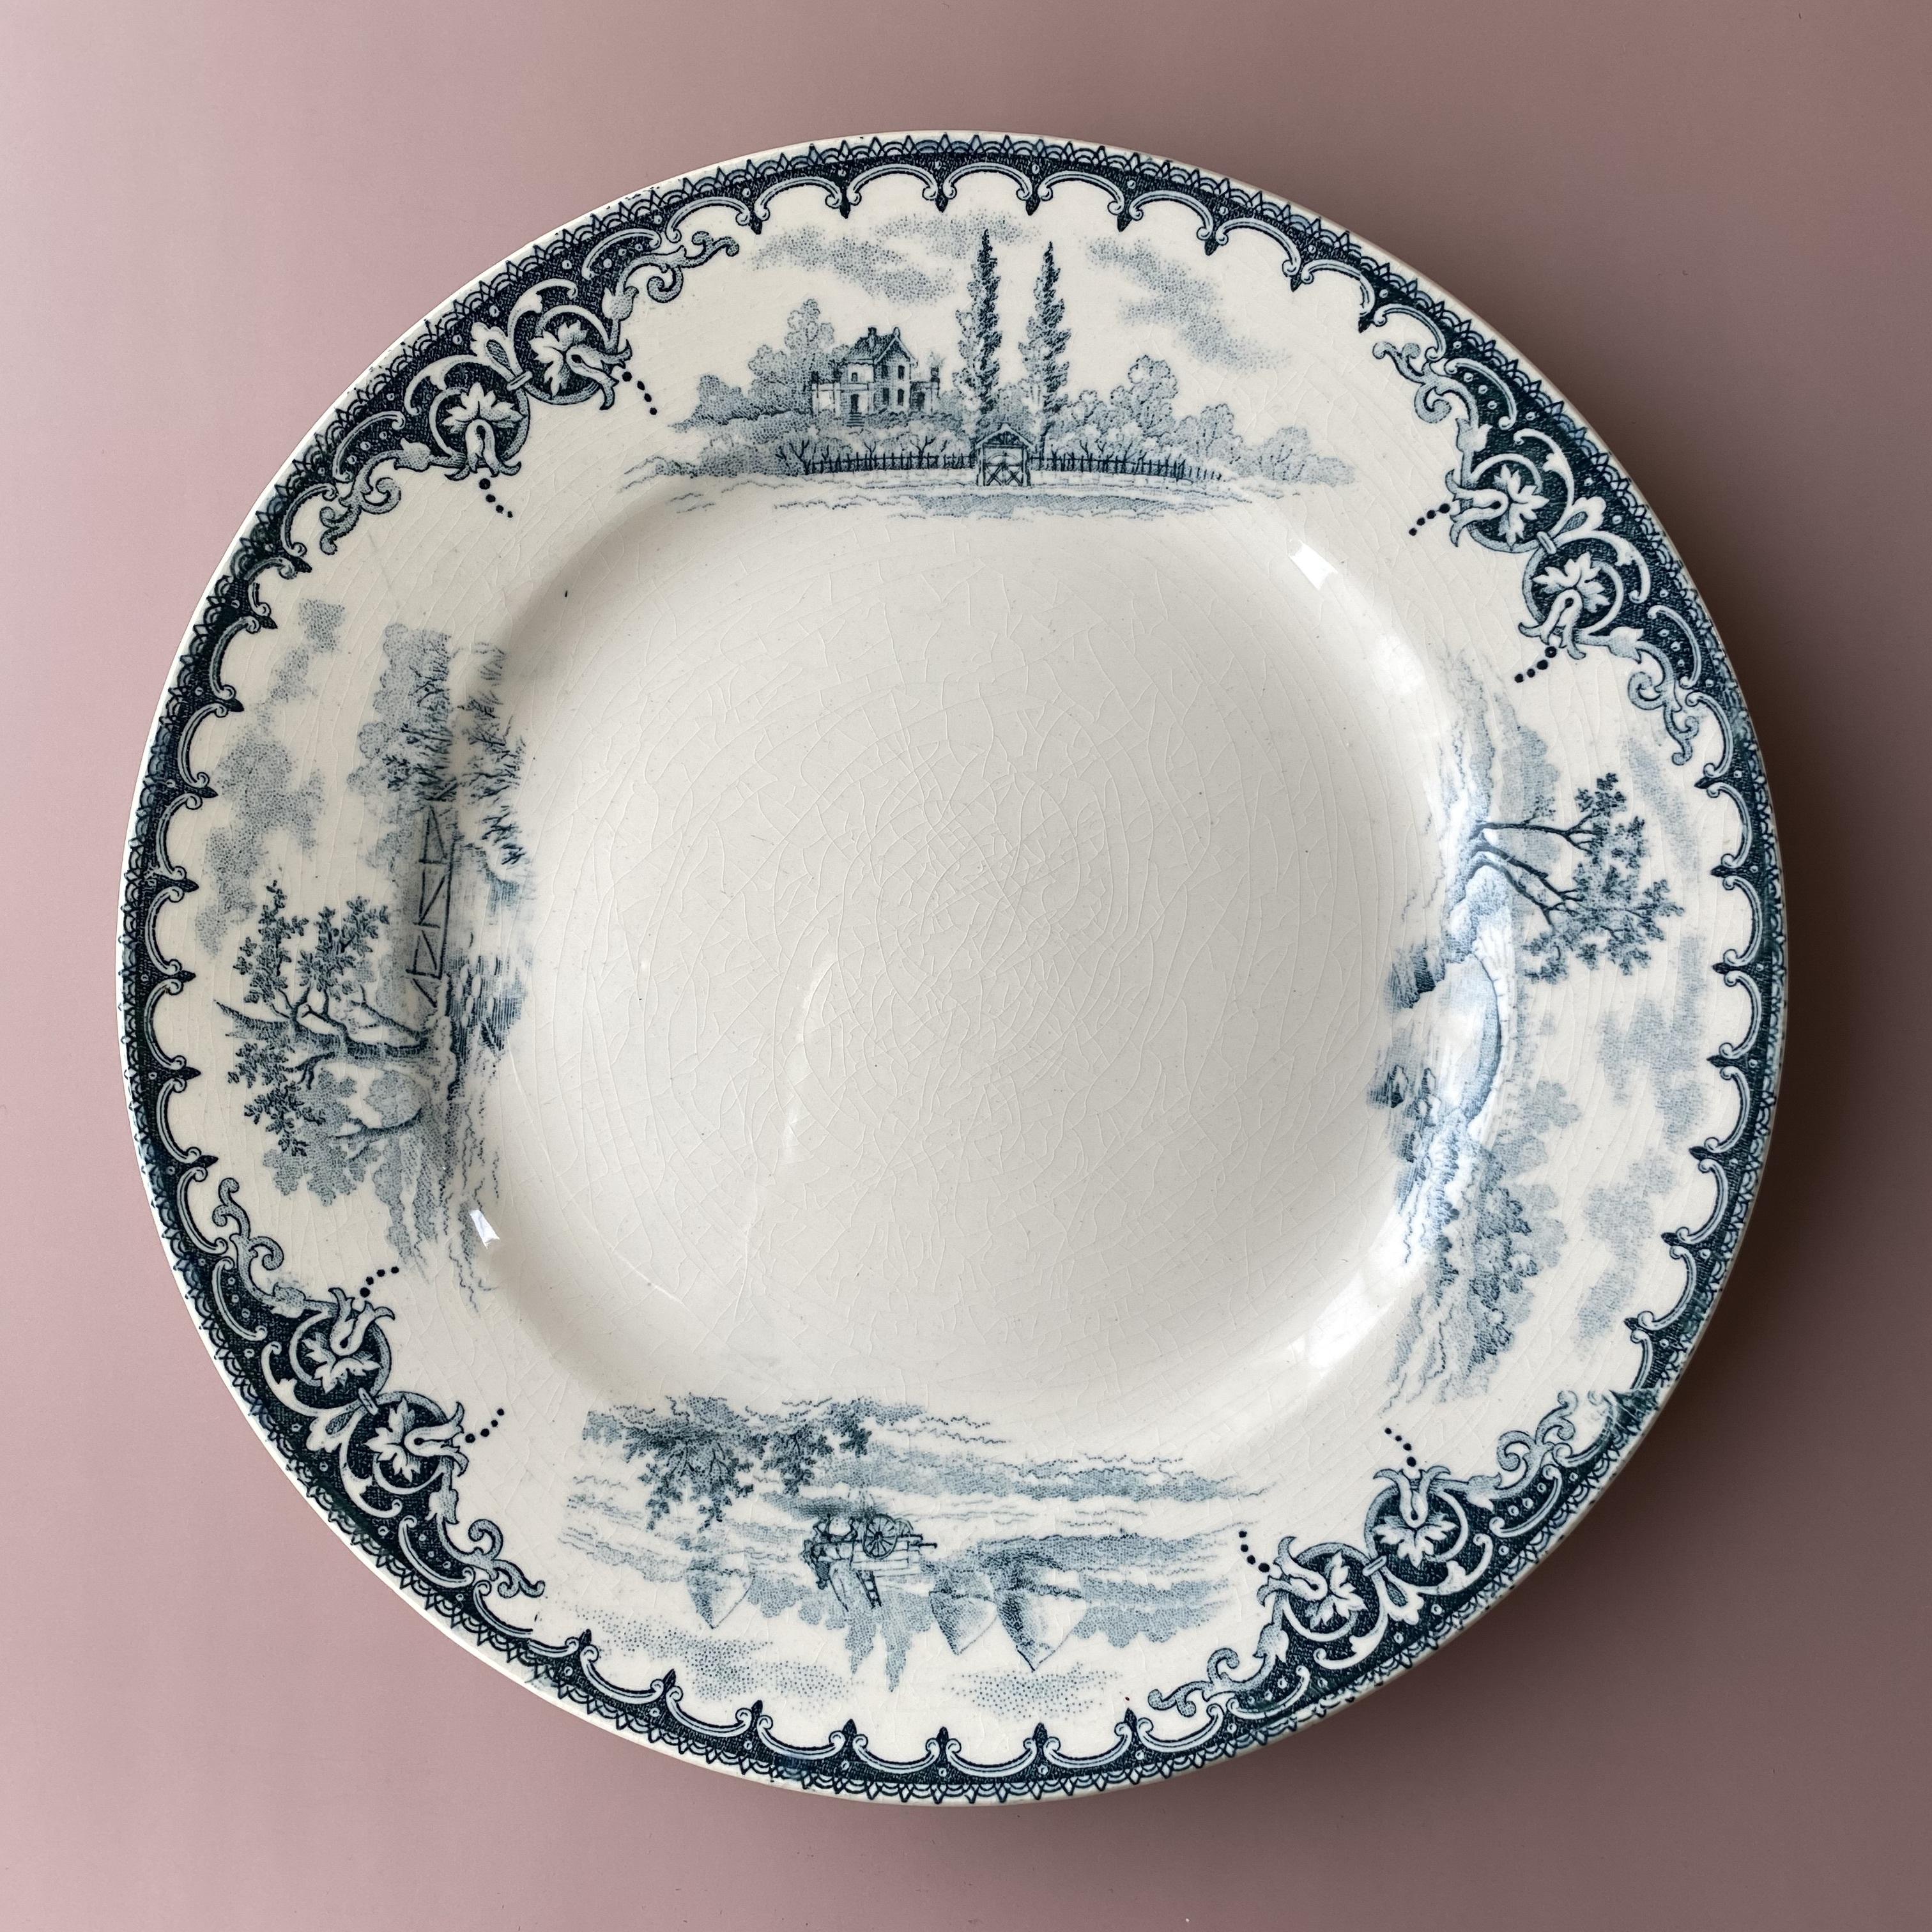 E.BOURGEOIS antique dessert plate2 /uv0008